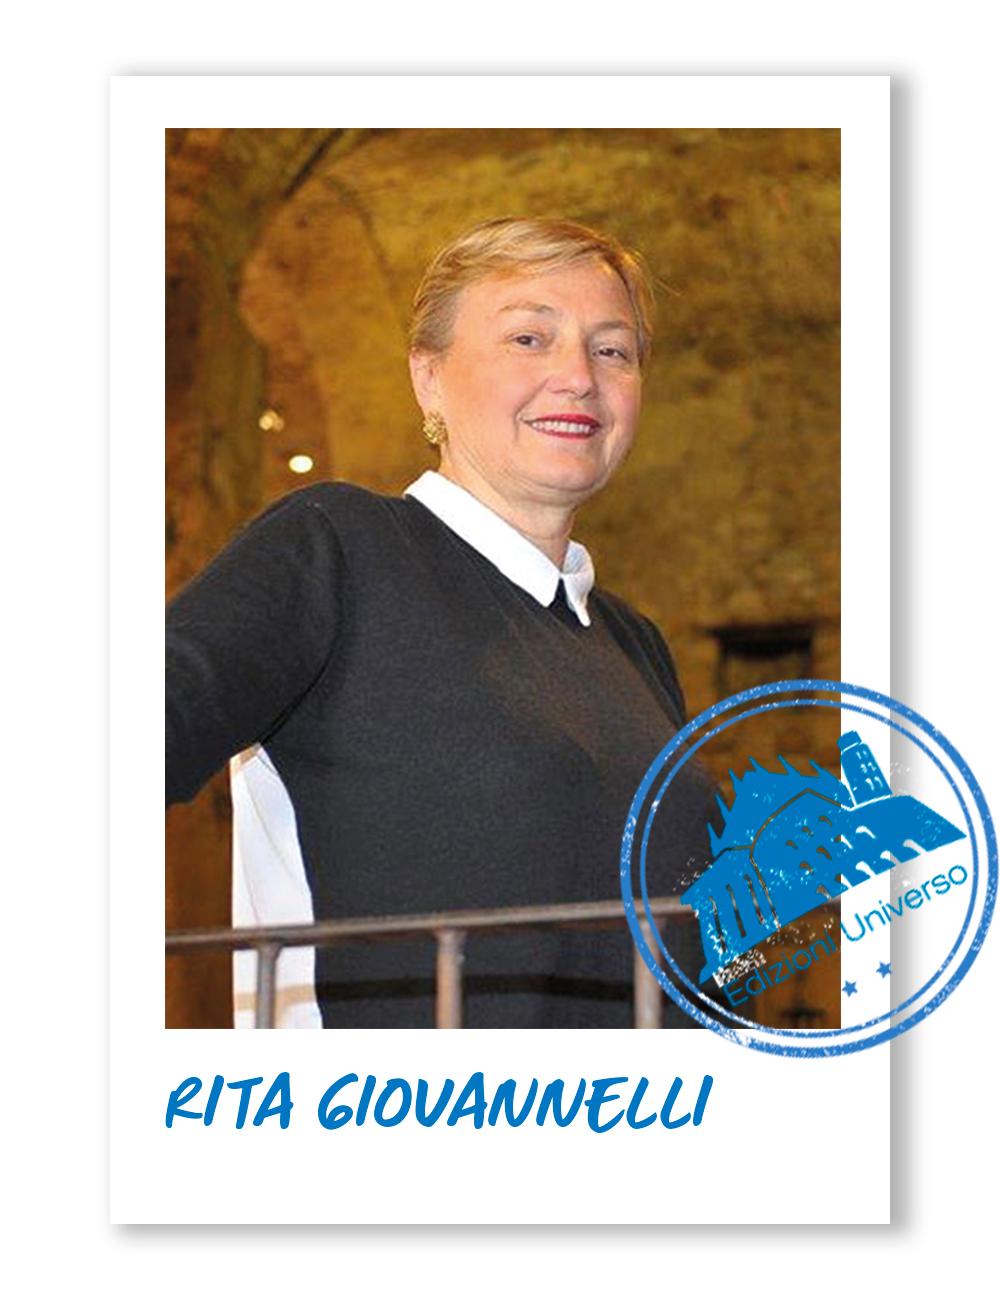 Edizioni Universo-Rita-Giovannelli